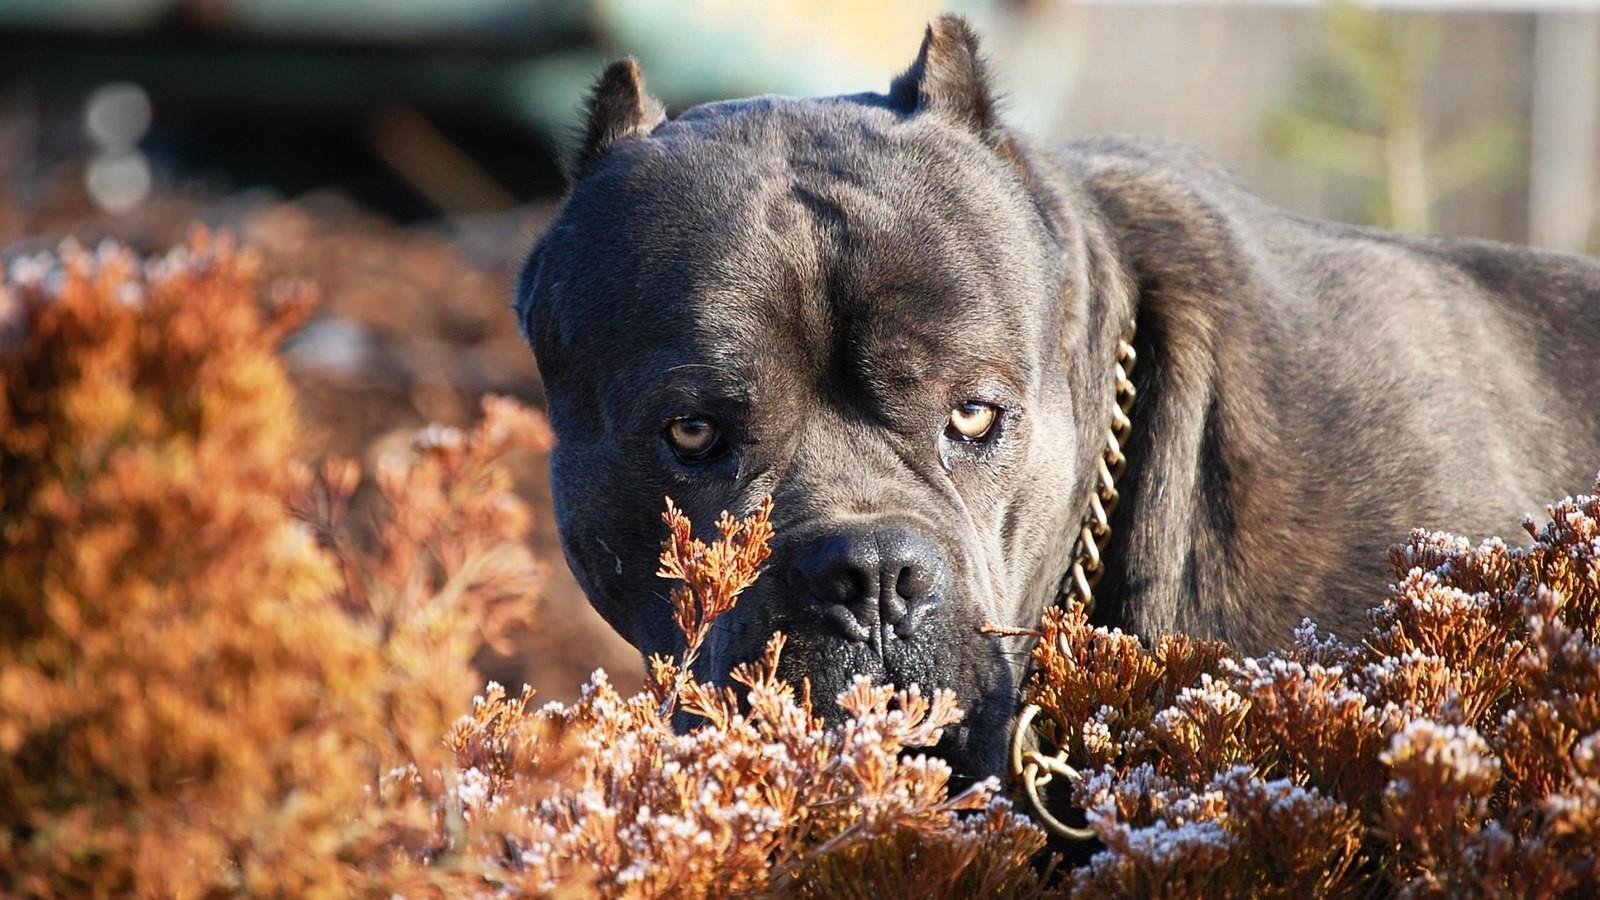 Впервые на территории Евразии собаки появились 1000 лет до н.э. В те времена порода использовалась для охраны скота, охоты.